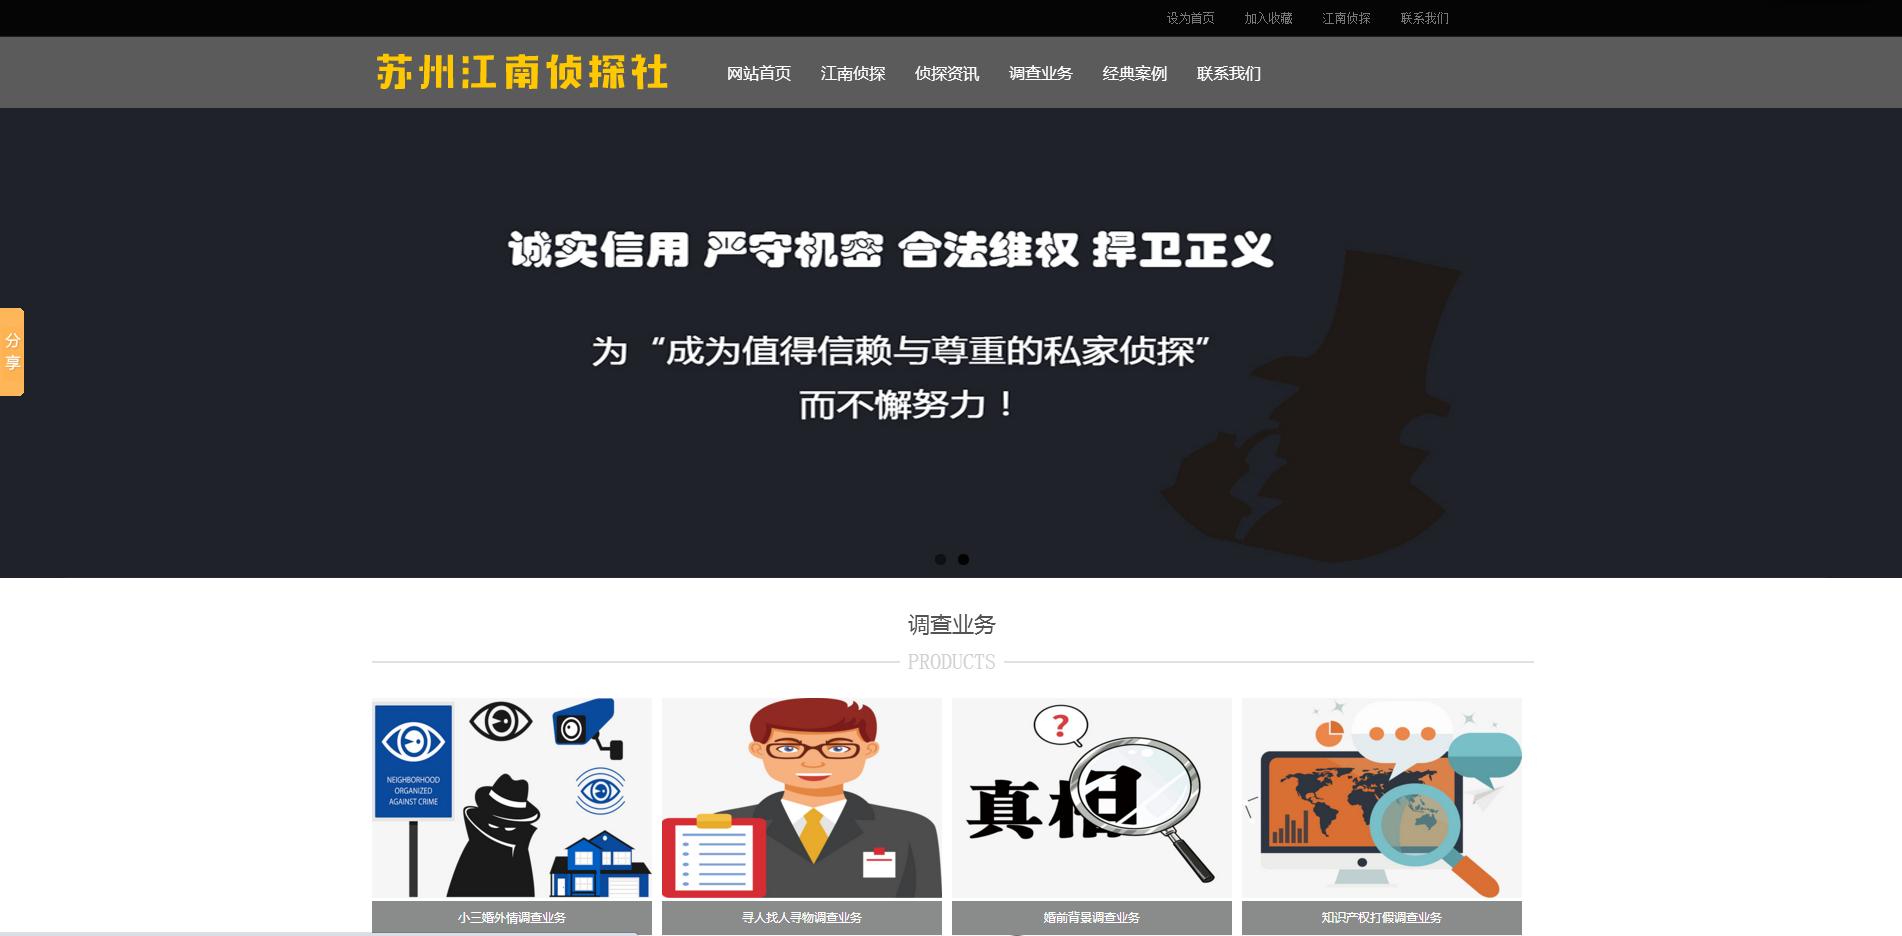 江南侦探社优化网站成功案例